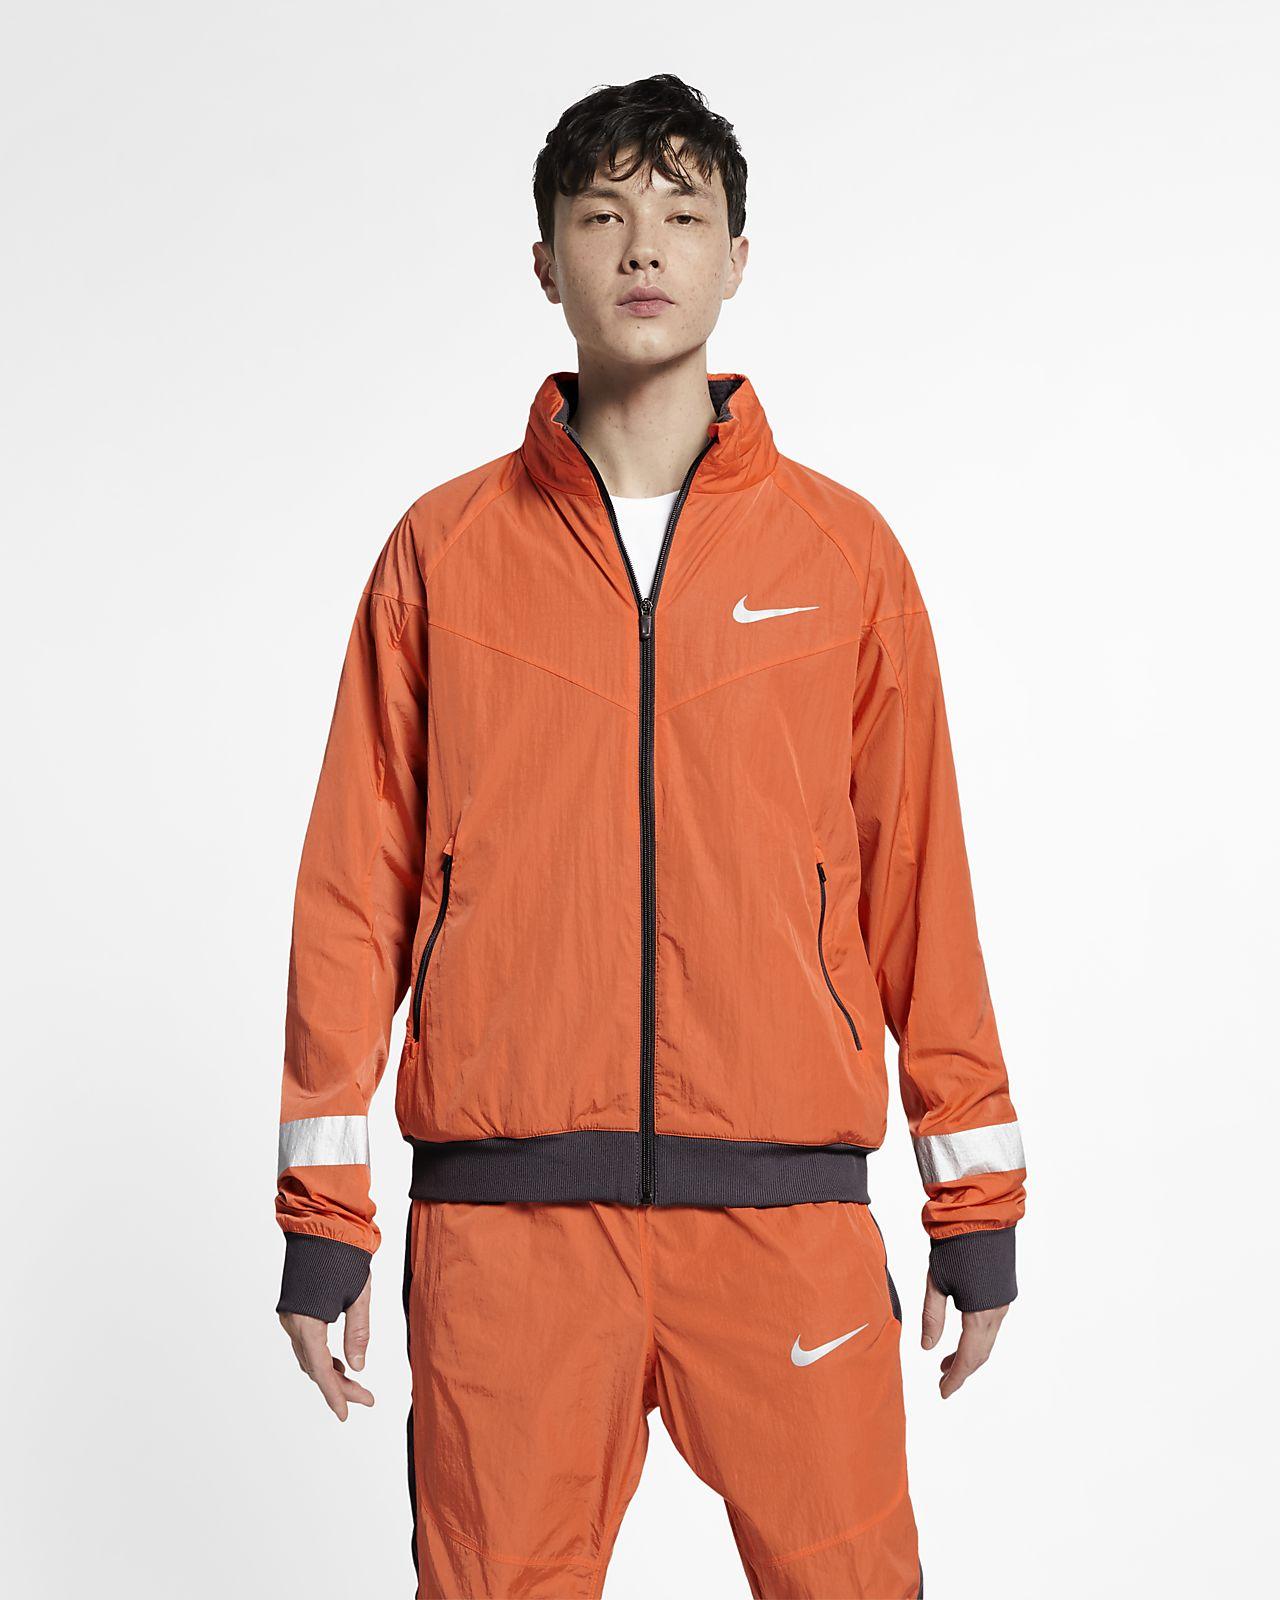 Nike Sphere-løbejakke til mænd